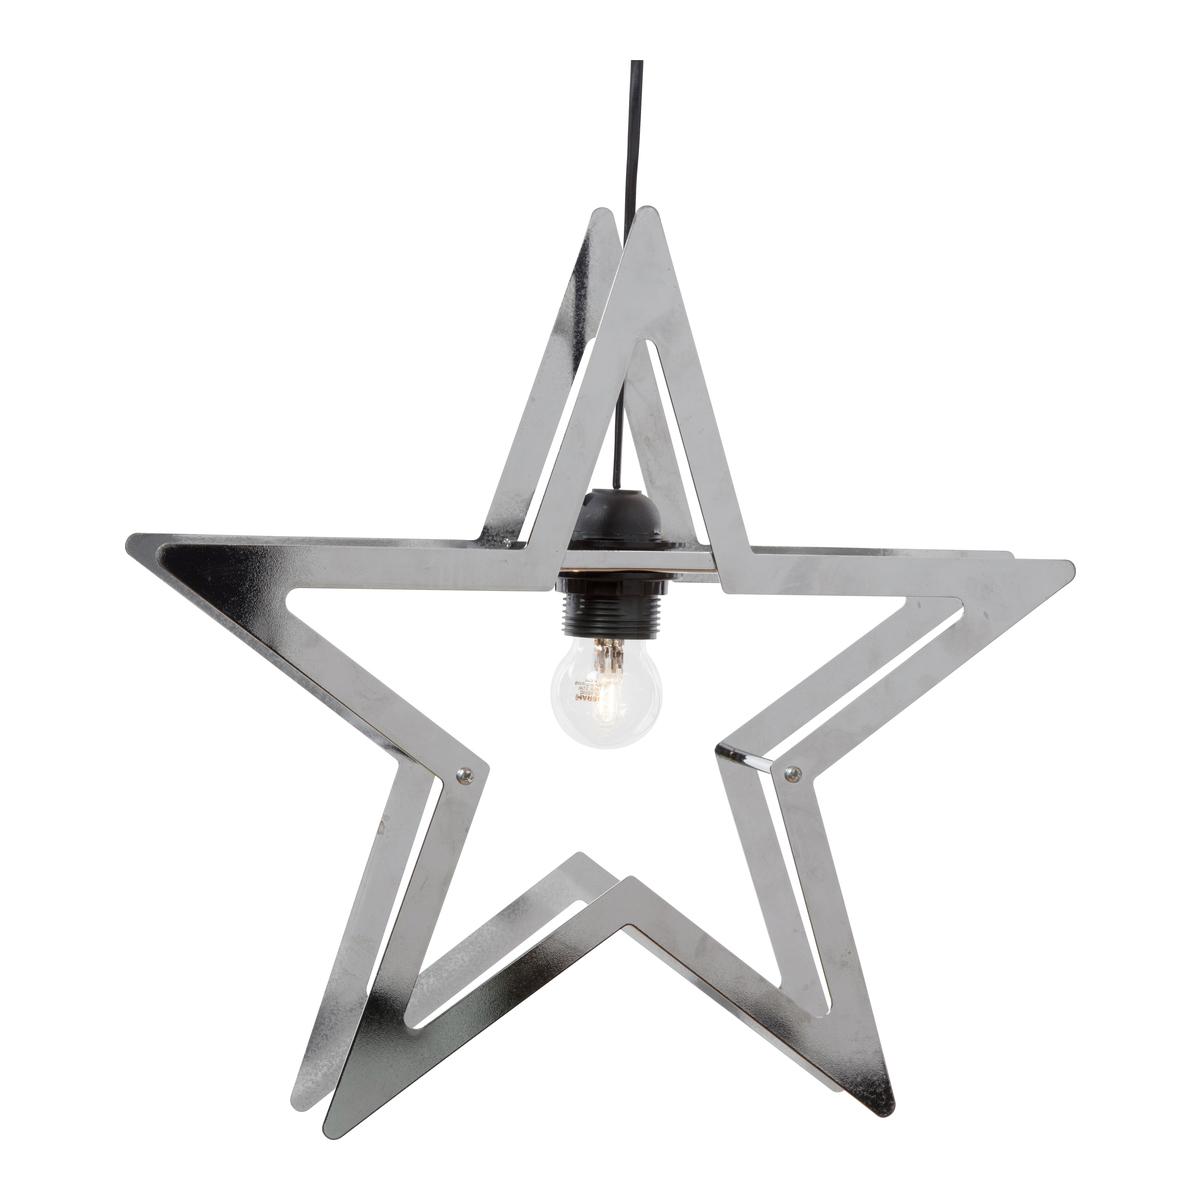 Metallstjerne 38cm